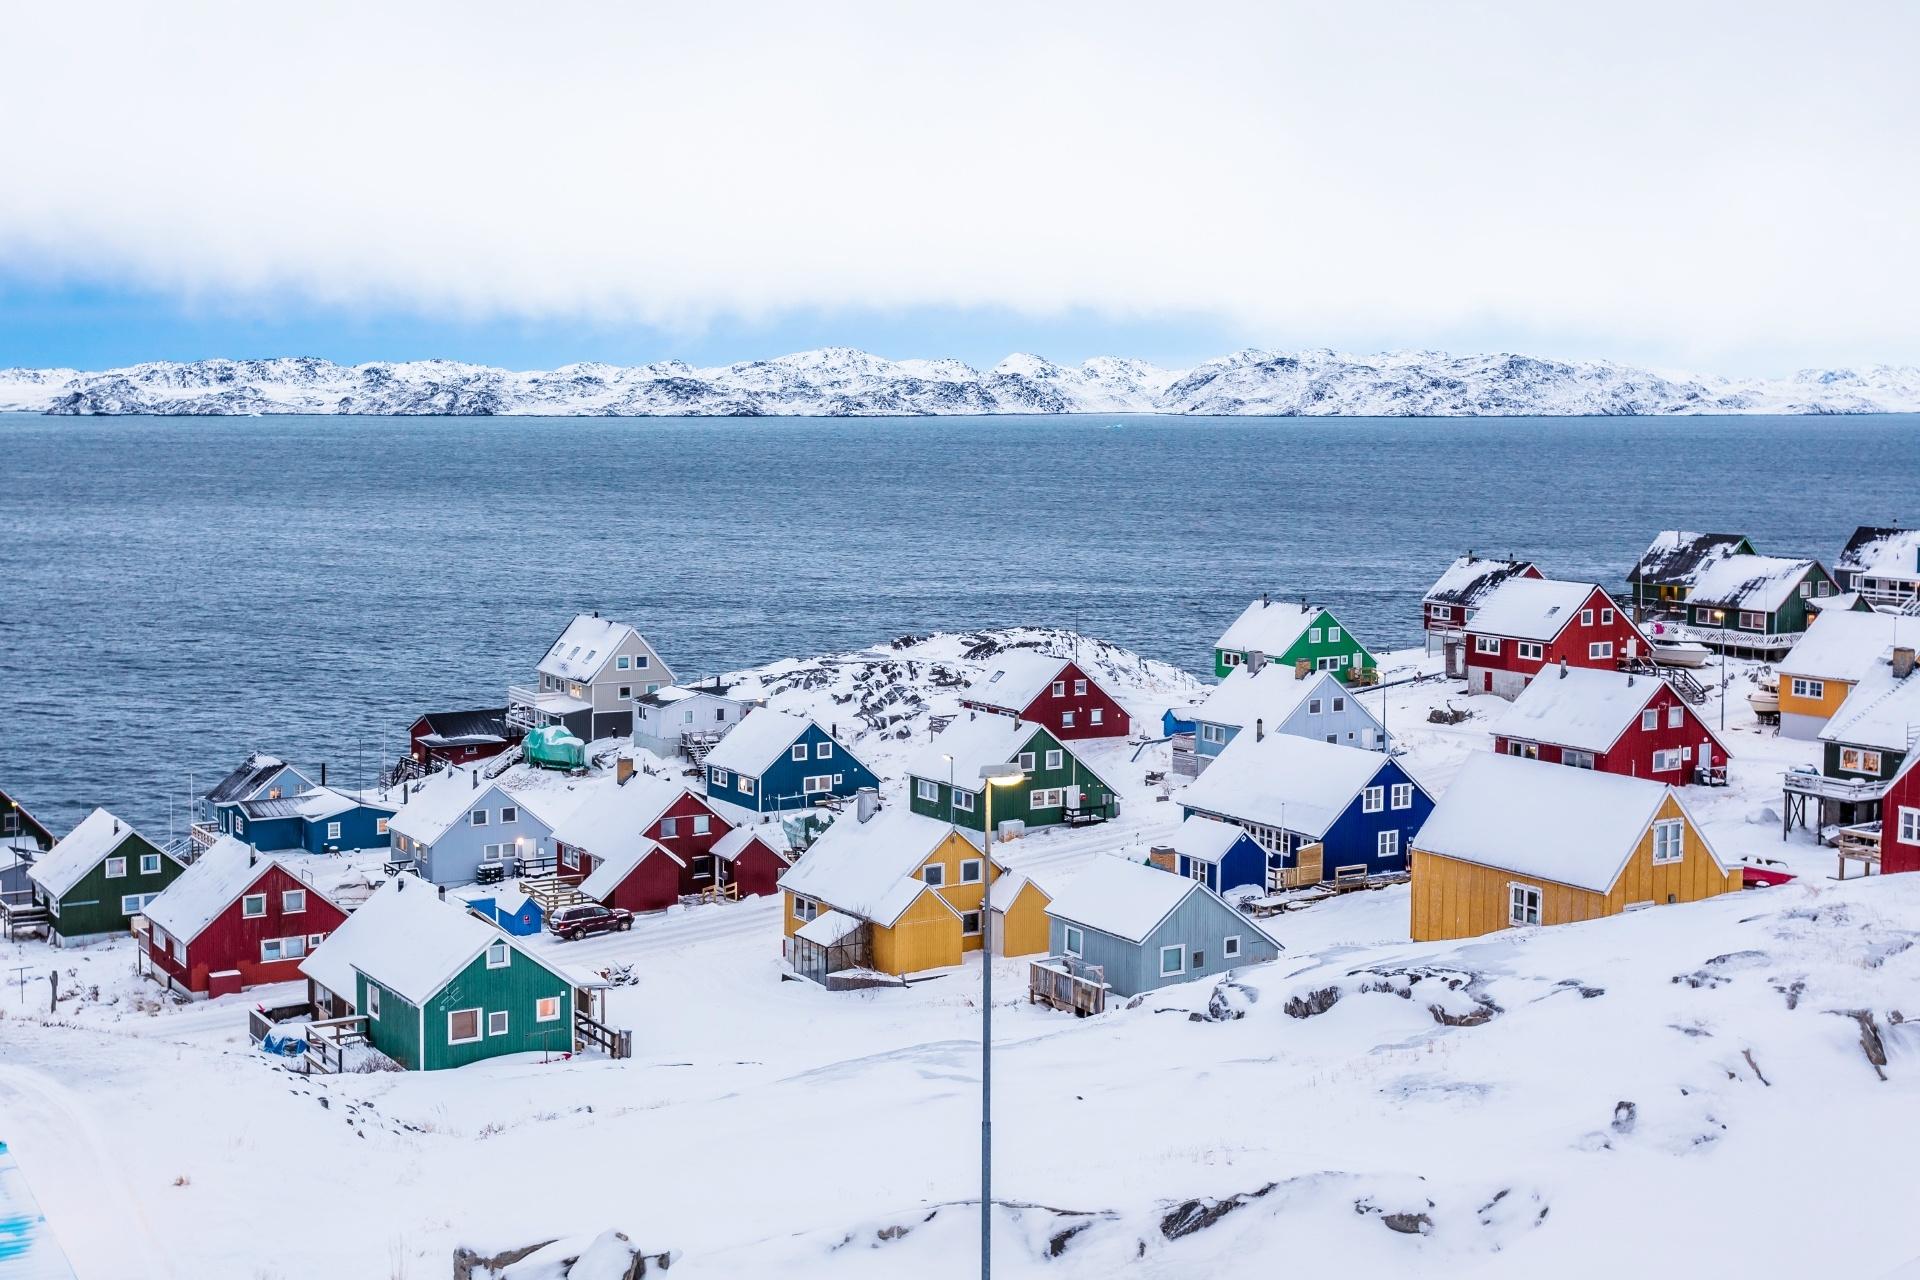 グリーンランドの首都ヌーク郊外のフィヨルドに面したイヌイットのカラフルな家々